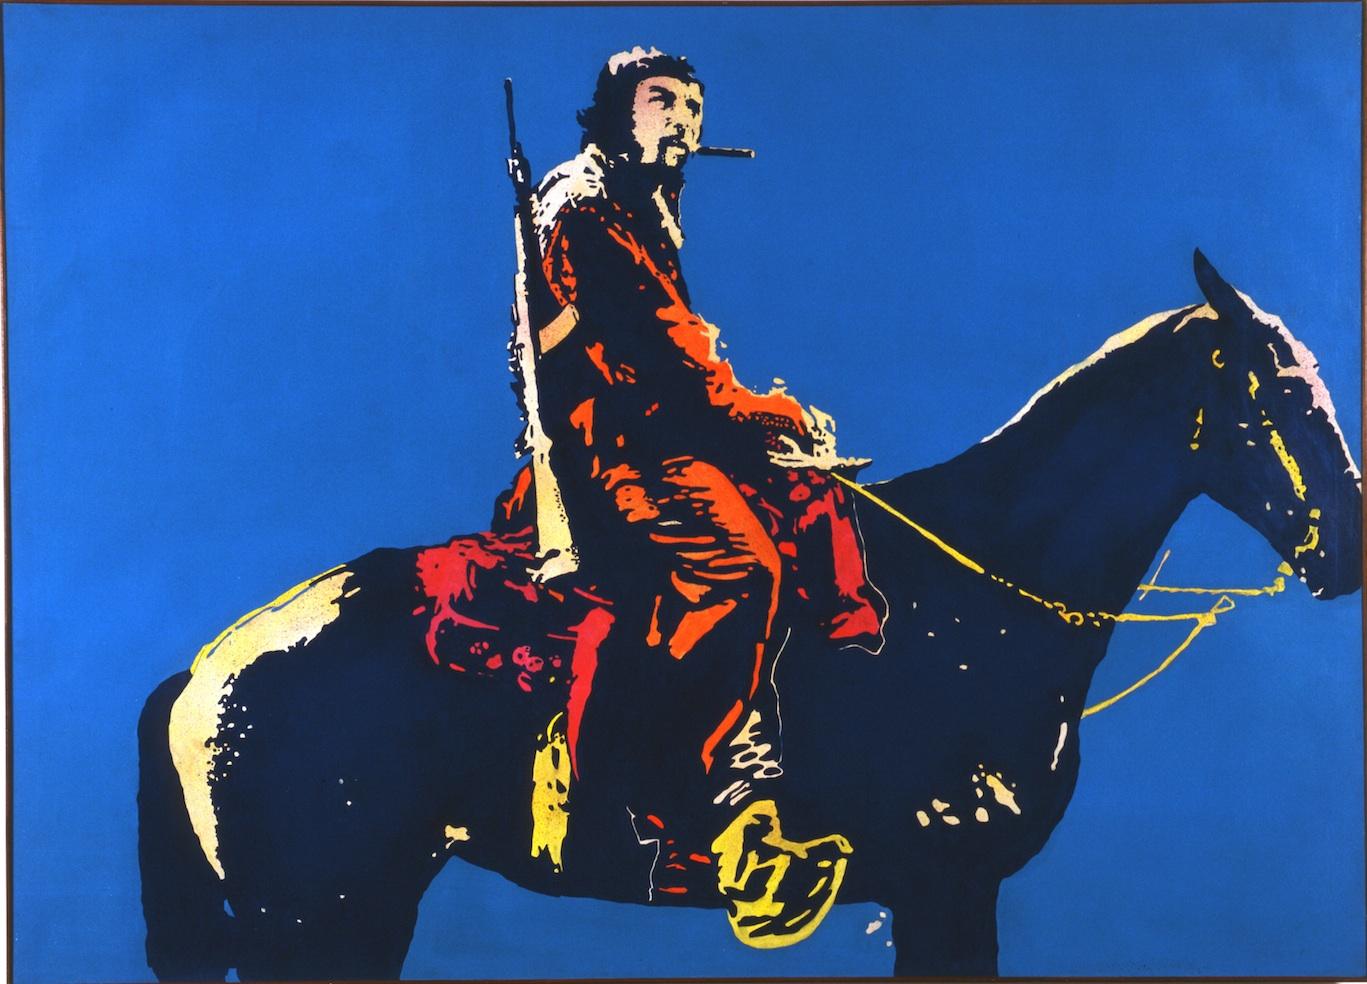 """Giangiacomo Spadari, """"Escambray monumento"""", 1968, acrilico e tecnica mista su tela, 180x249 cm"""